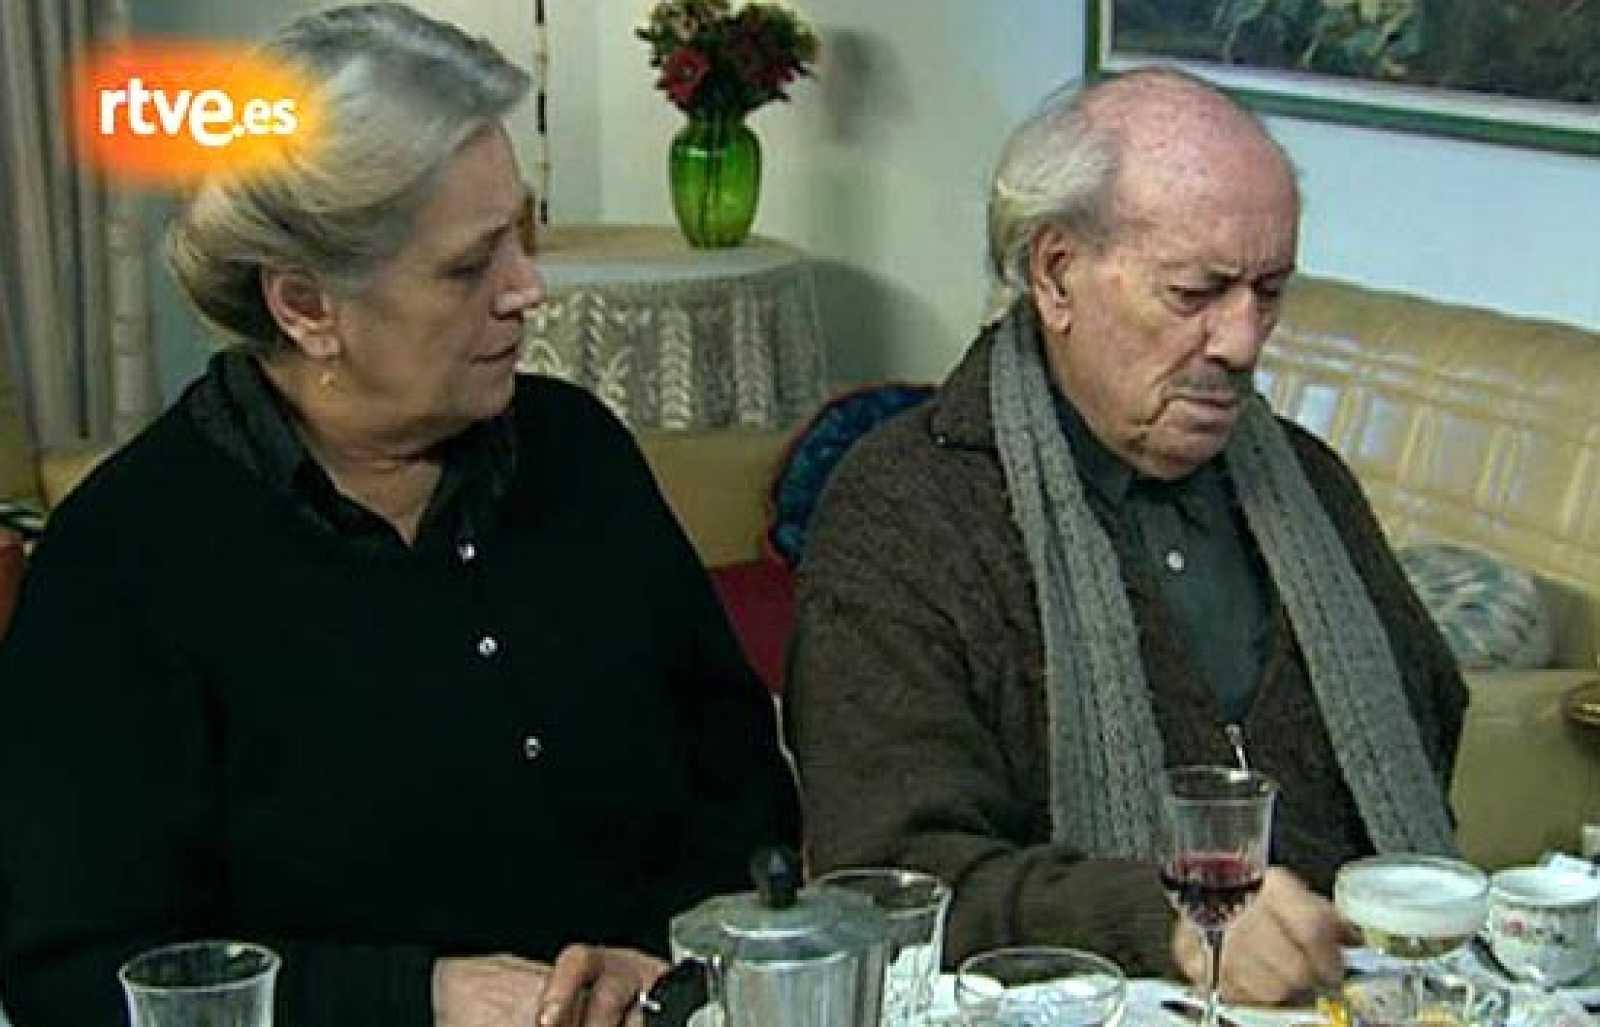 La carrera de José Luis López Vázquez cuenta con numerosas películas, pero también participó en series de televisión. Su aparición más reciente en la pequeña pantalla fue en la serie de TVE, Cuéntame como pasó.